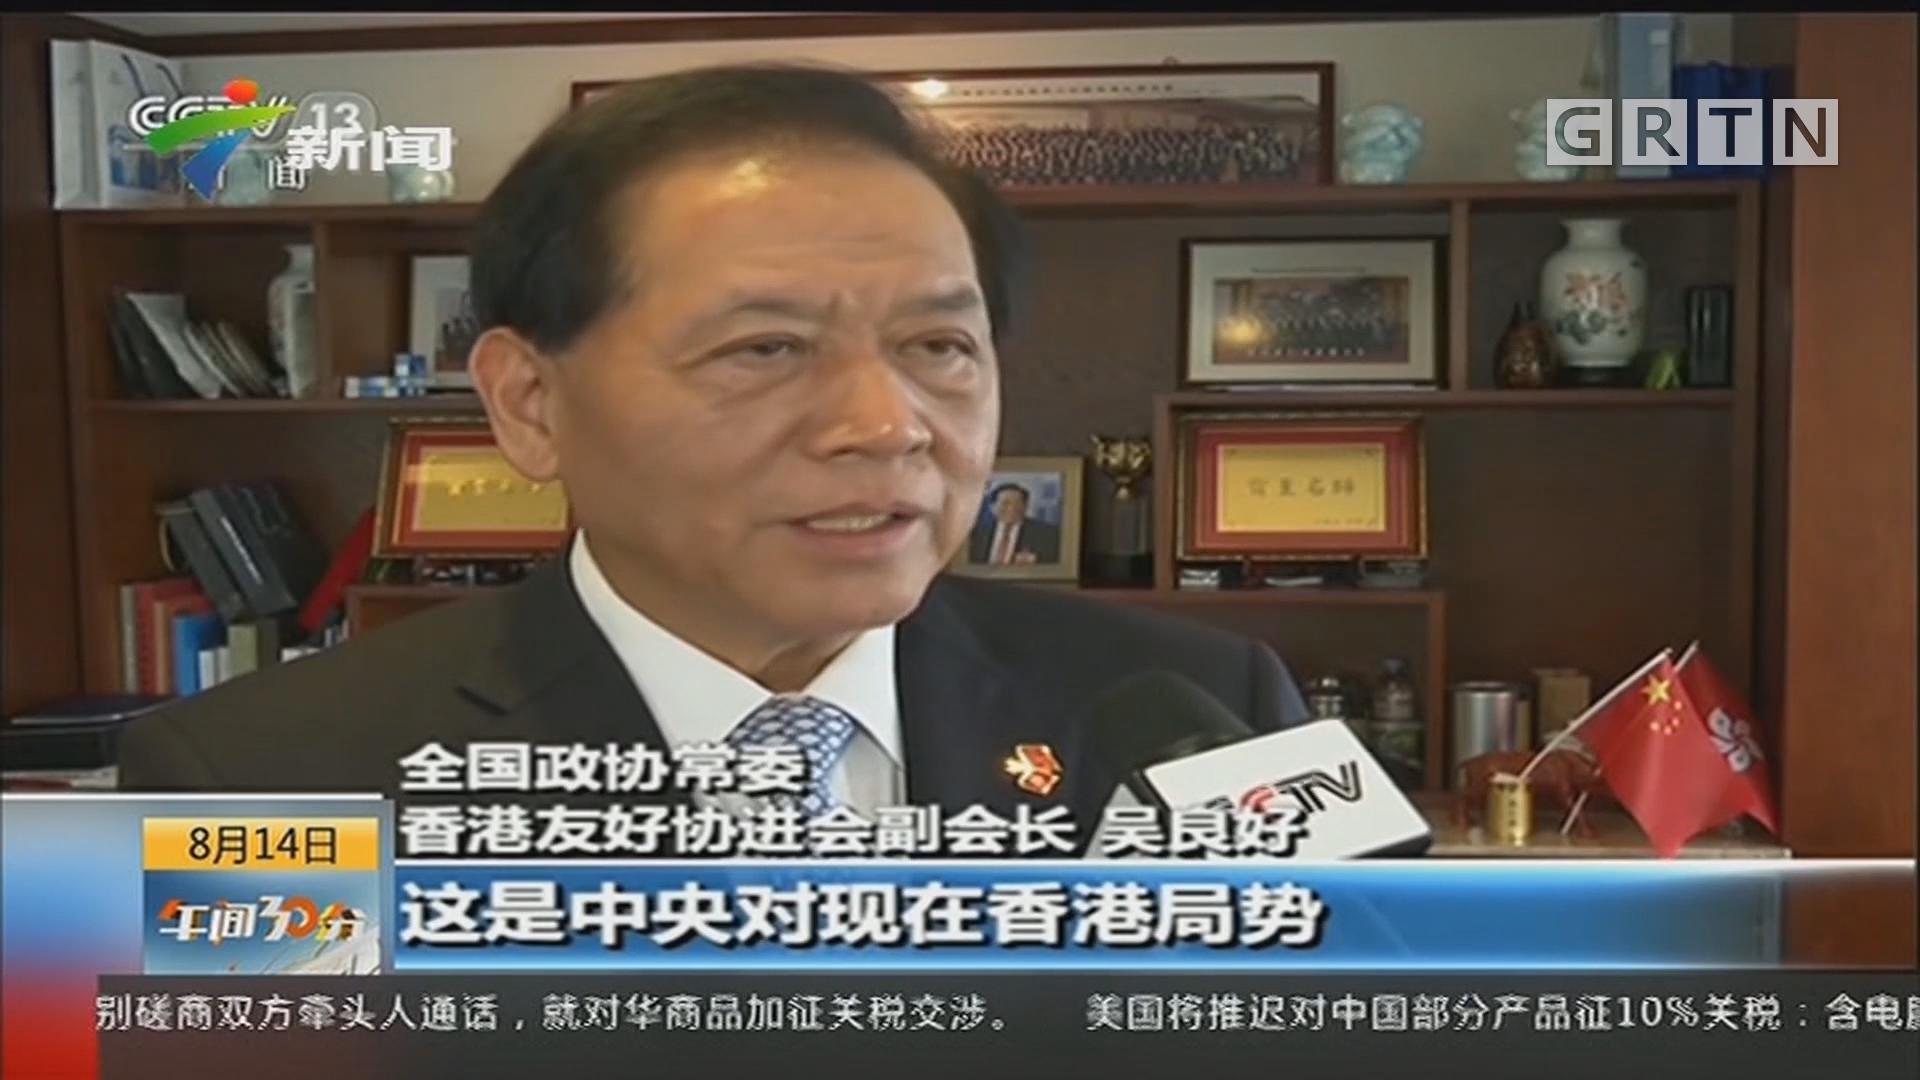 """香港友好协会副会长接受央视采访:全港要共同向暴徒和乱港势力说""""不"""""""